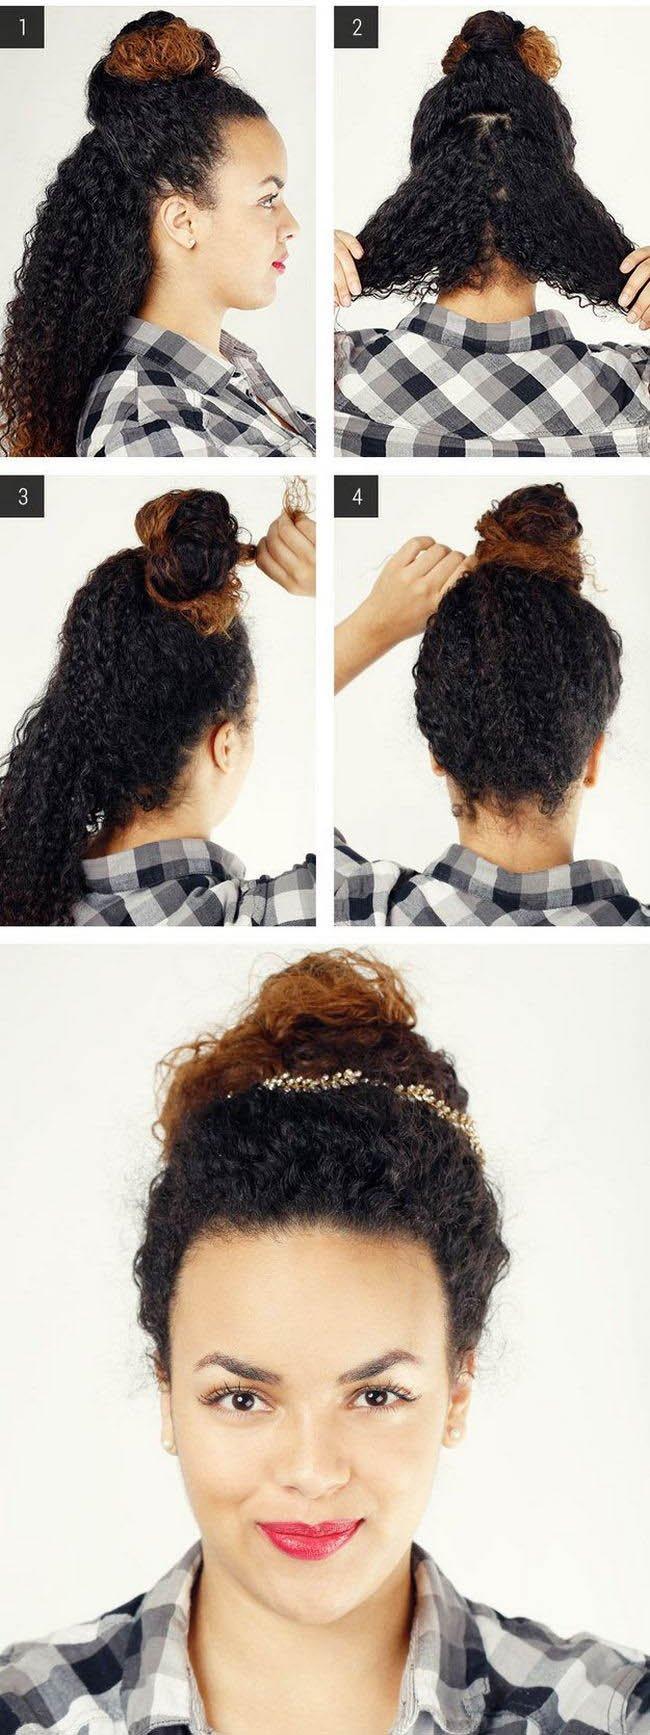 penteados-simples-14